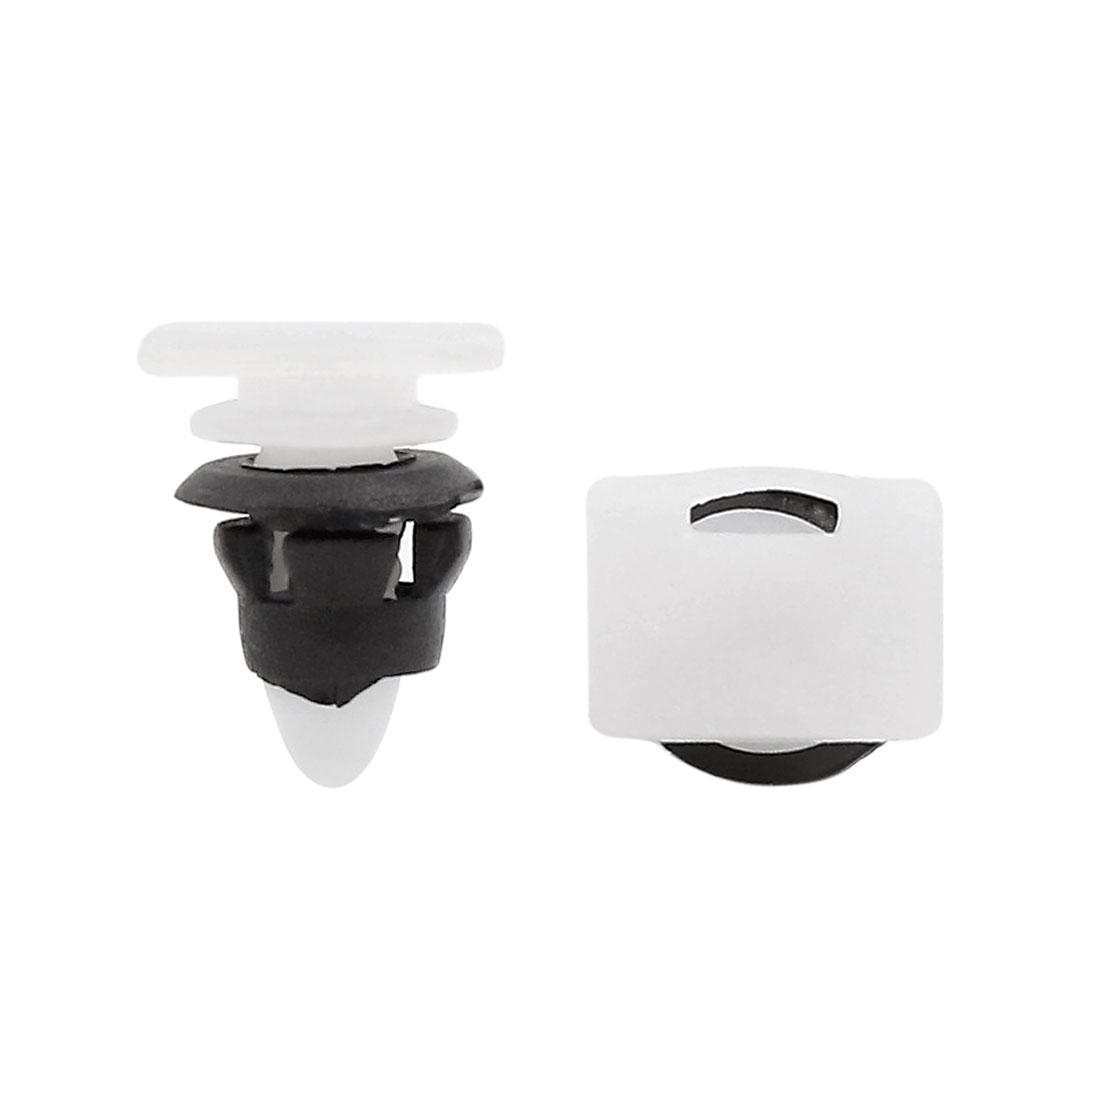 20PCS 10mm Hole White Black Plastic Rivet Panel Fixings Clips for Car Vehicle